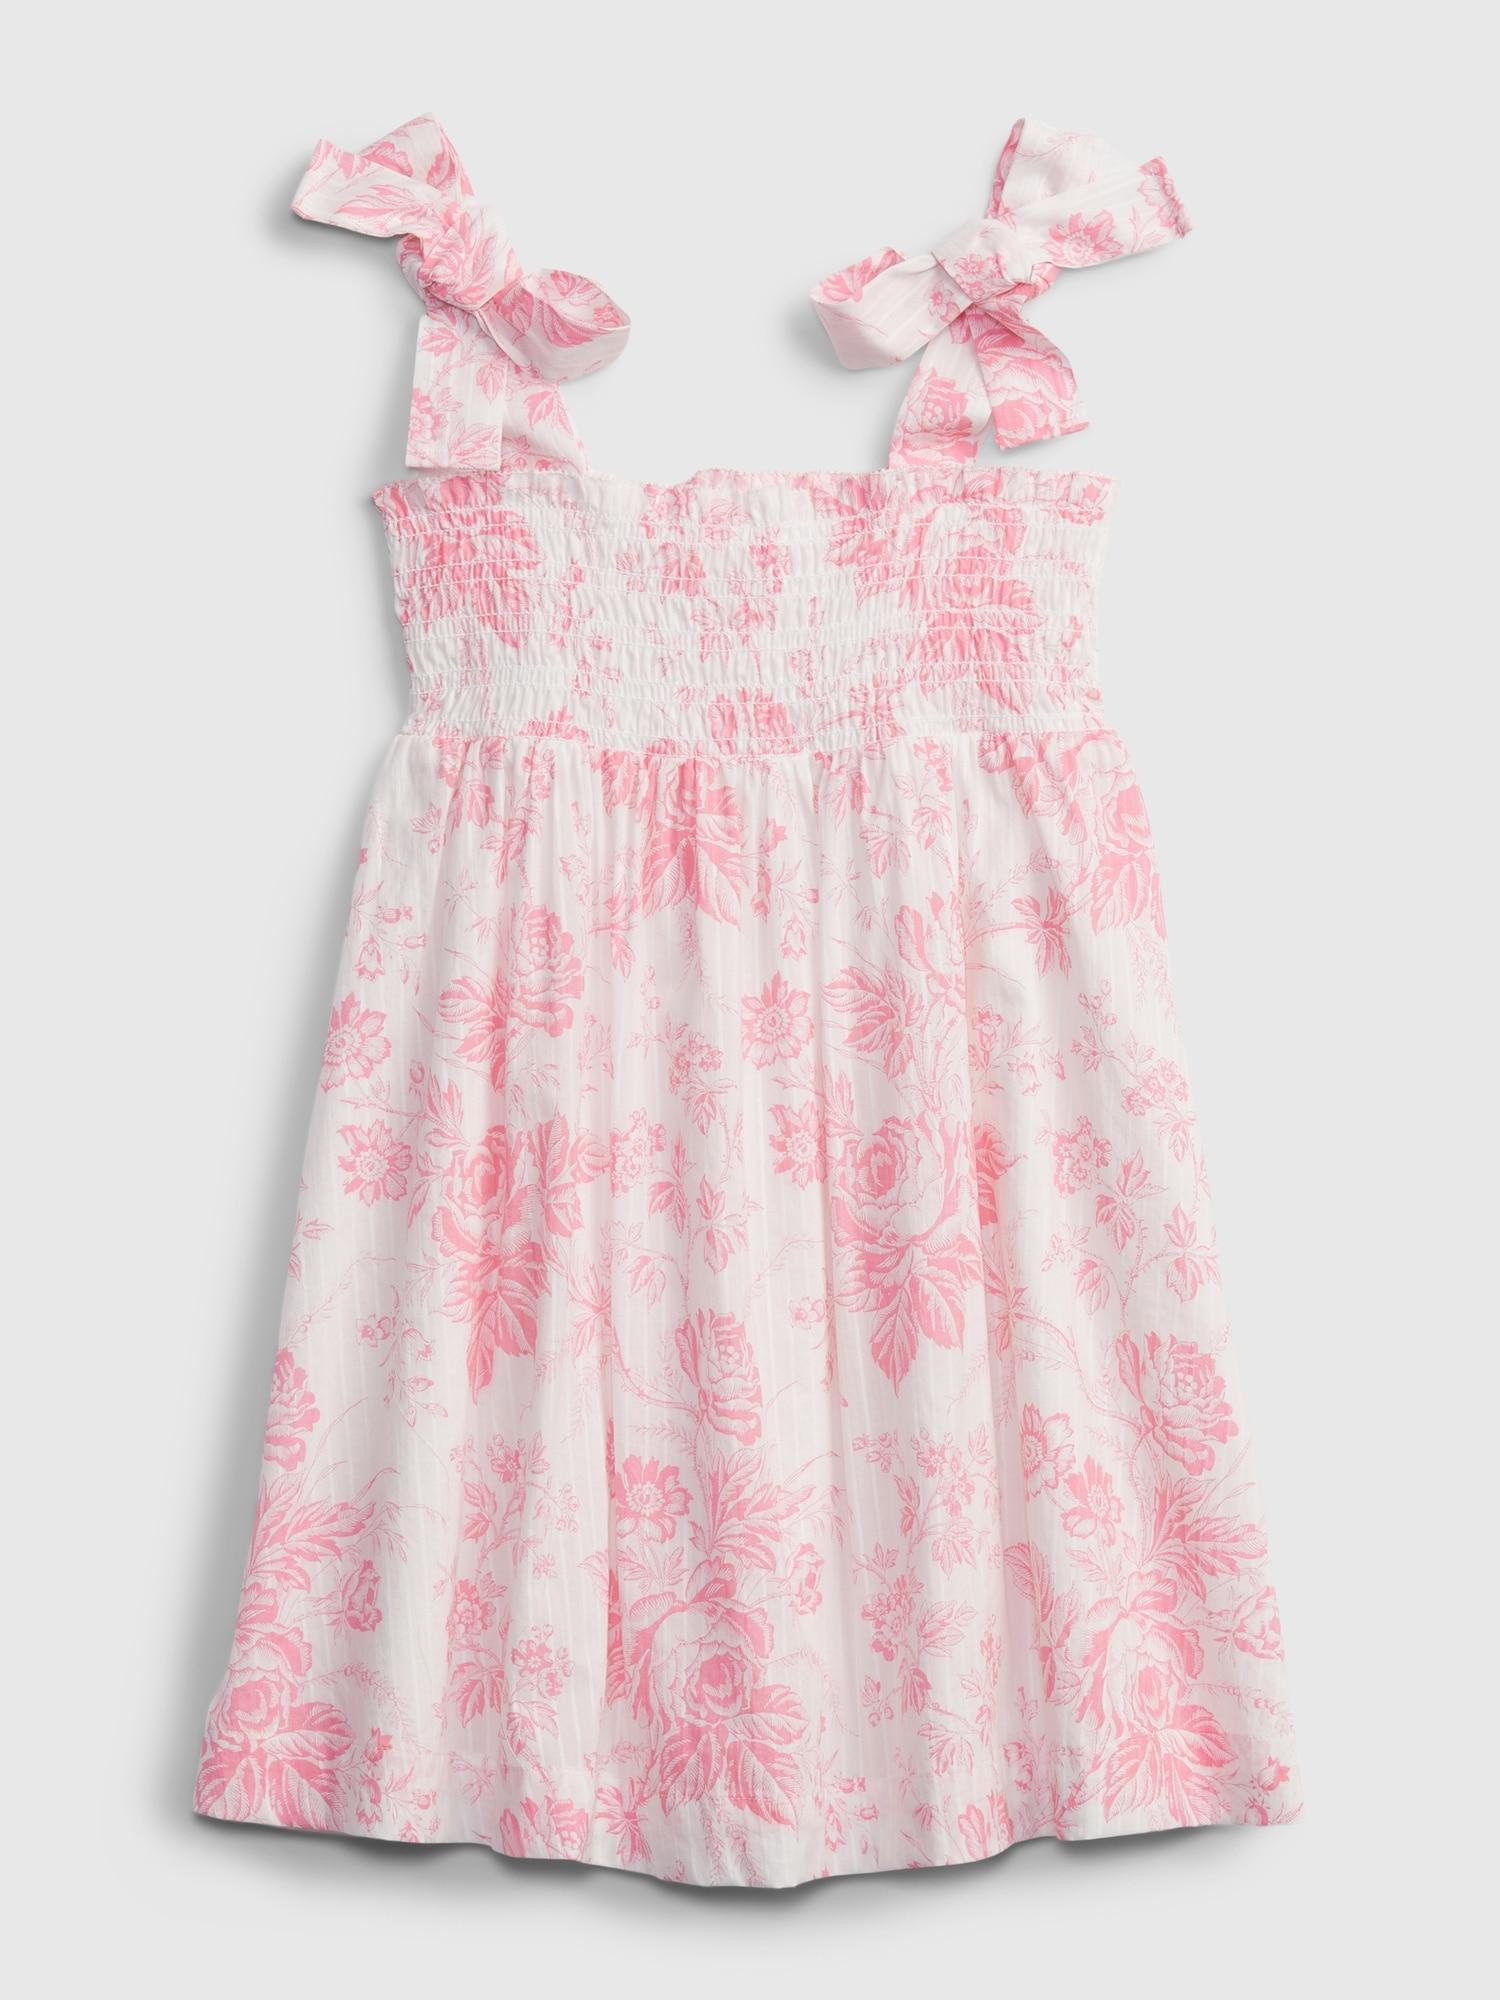 Gap Toddler Smocked Dress